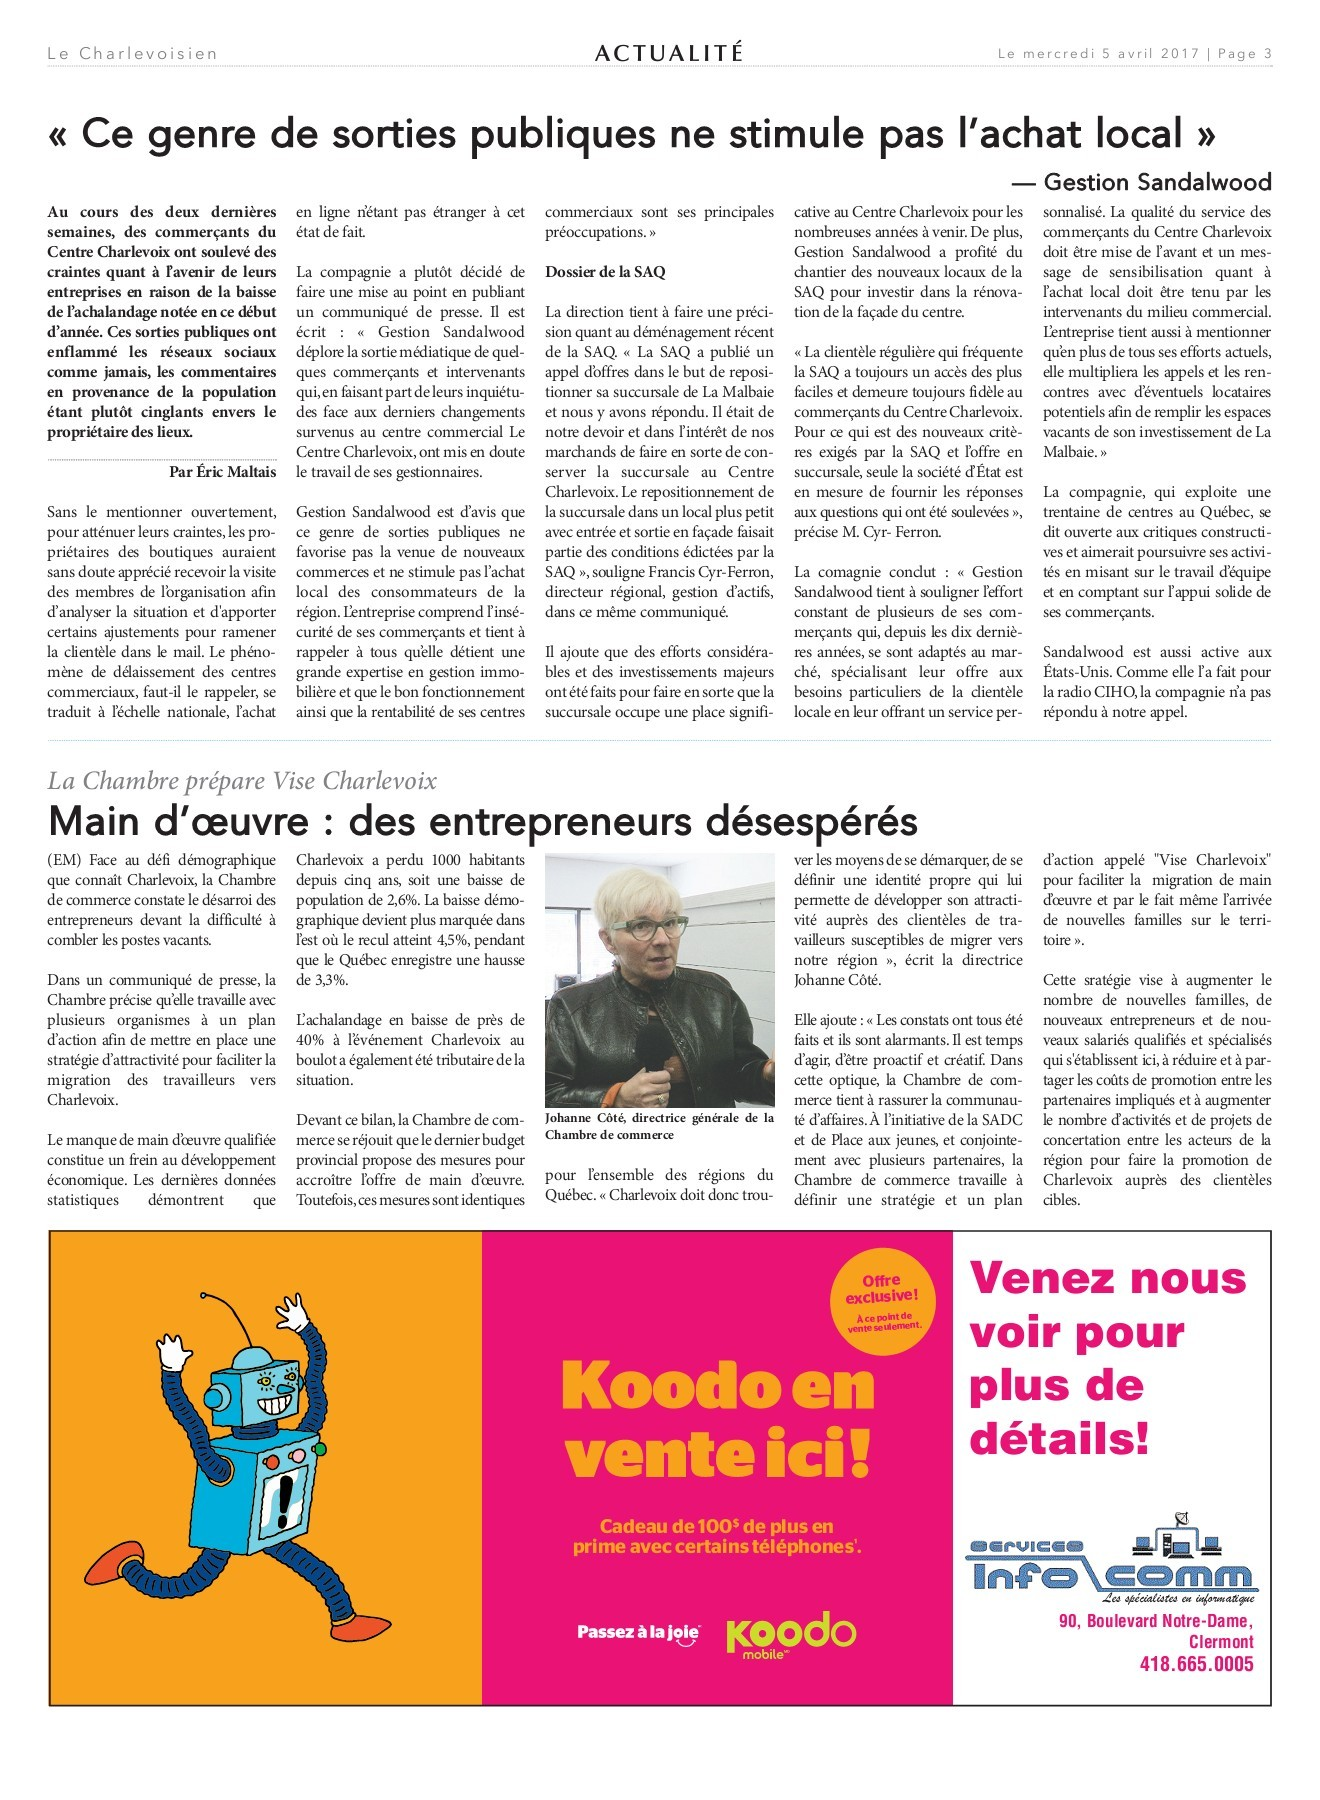 Cadeau Leclerc Génial Le Charlevoisien 5 Avril 2017 Pages 1 32 Text Version Of 37 Élégant Cadeau Leclerc